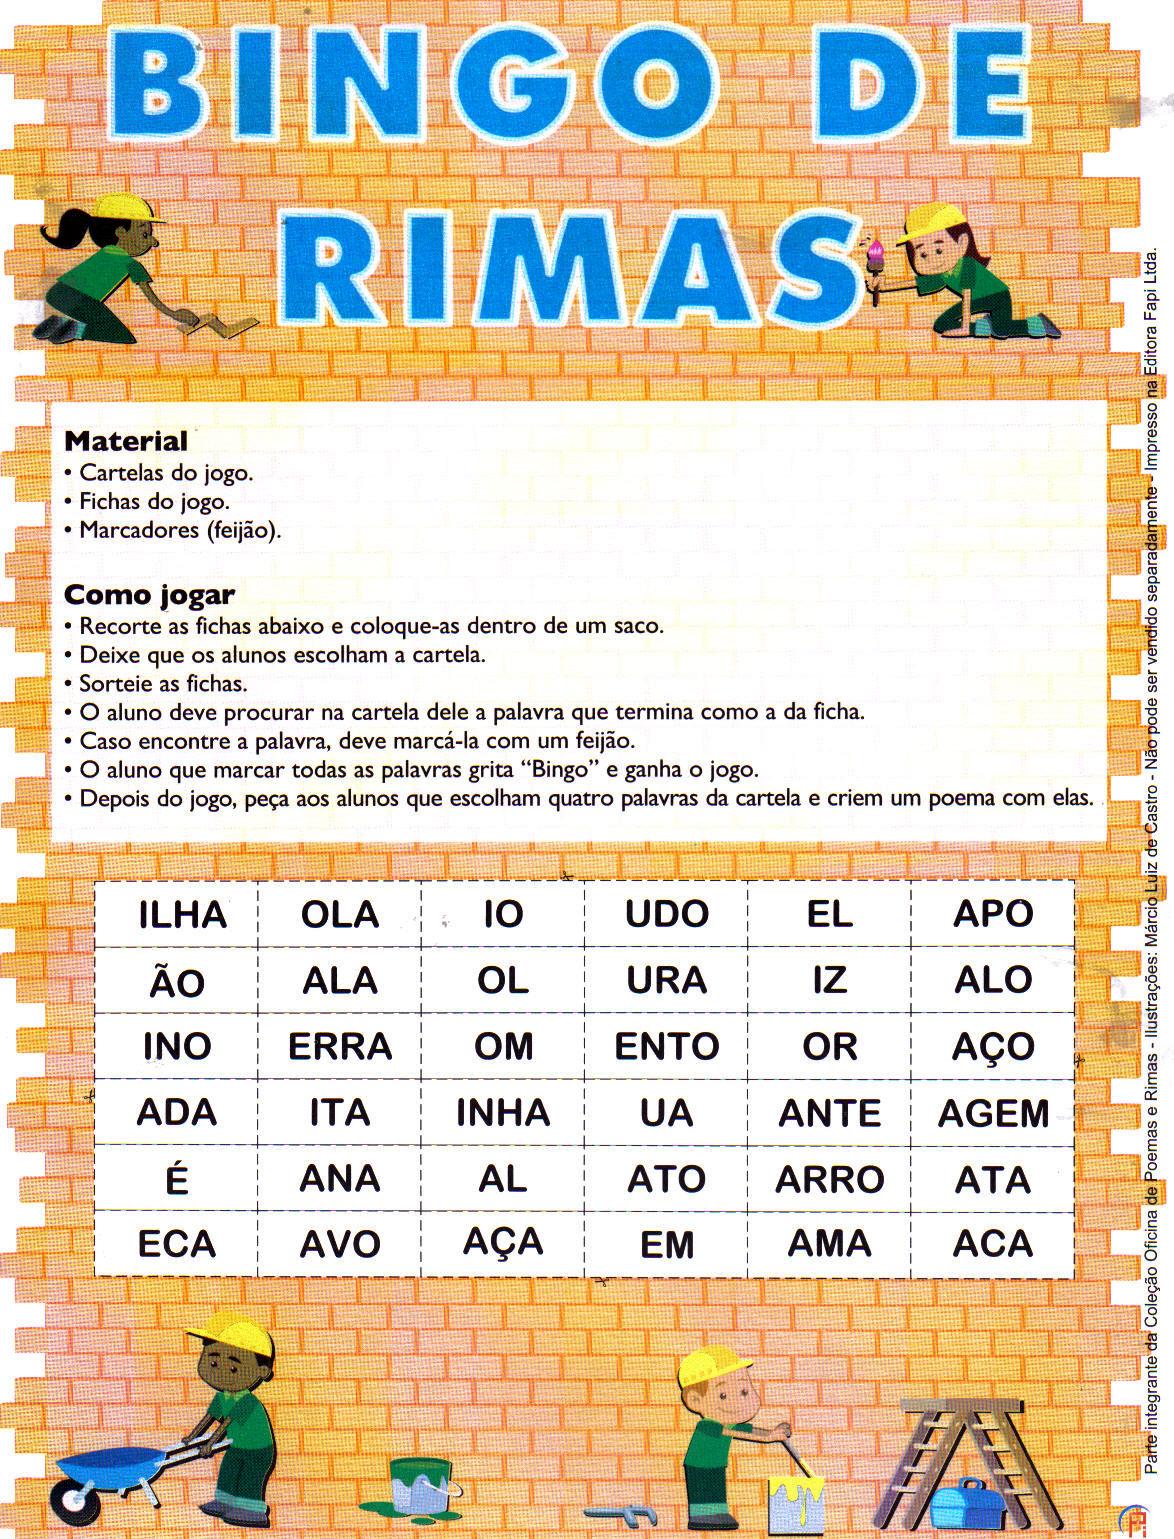 Bingo infantil apps directories